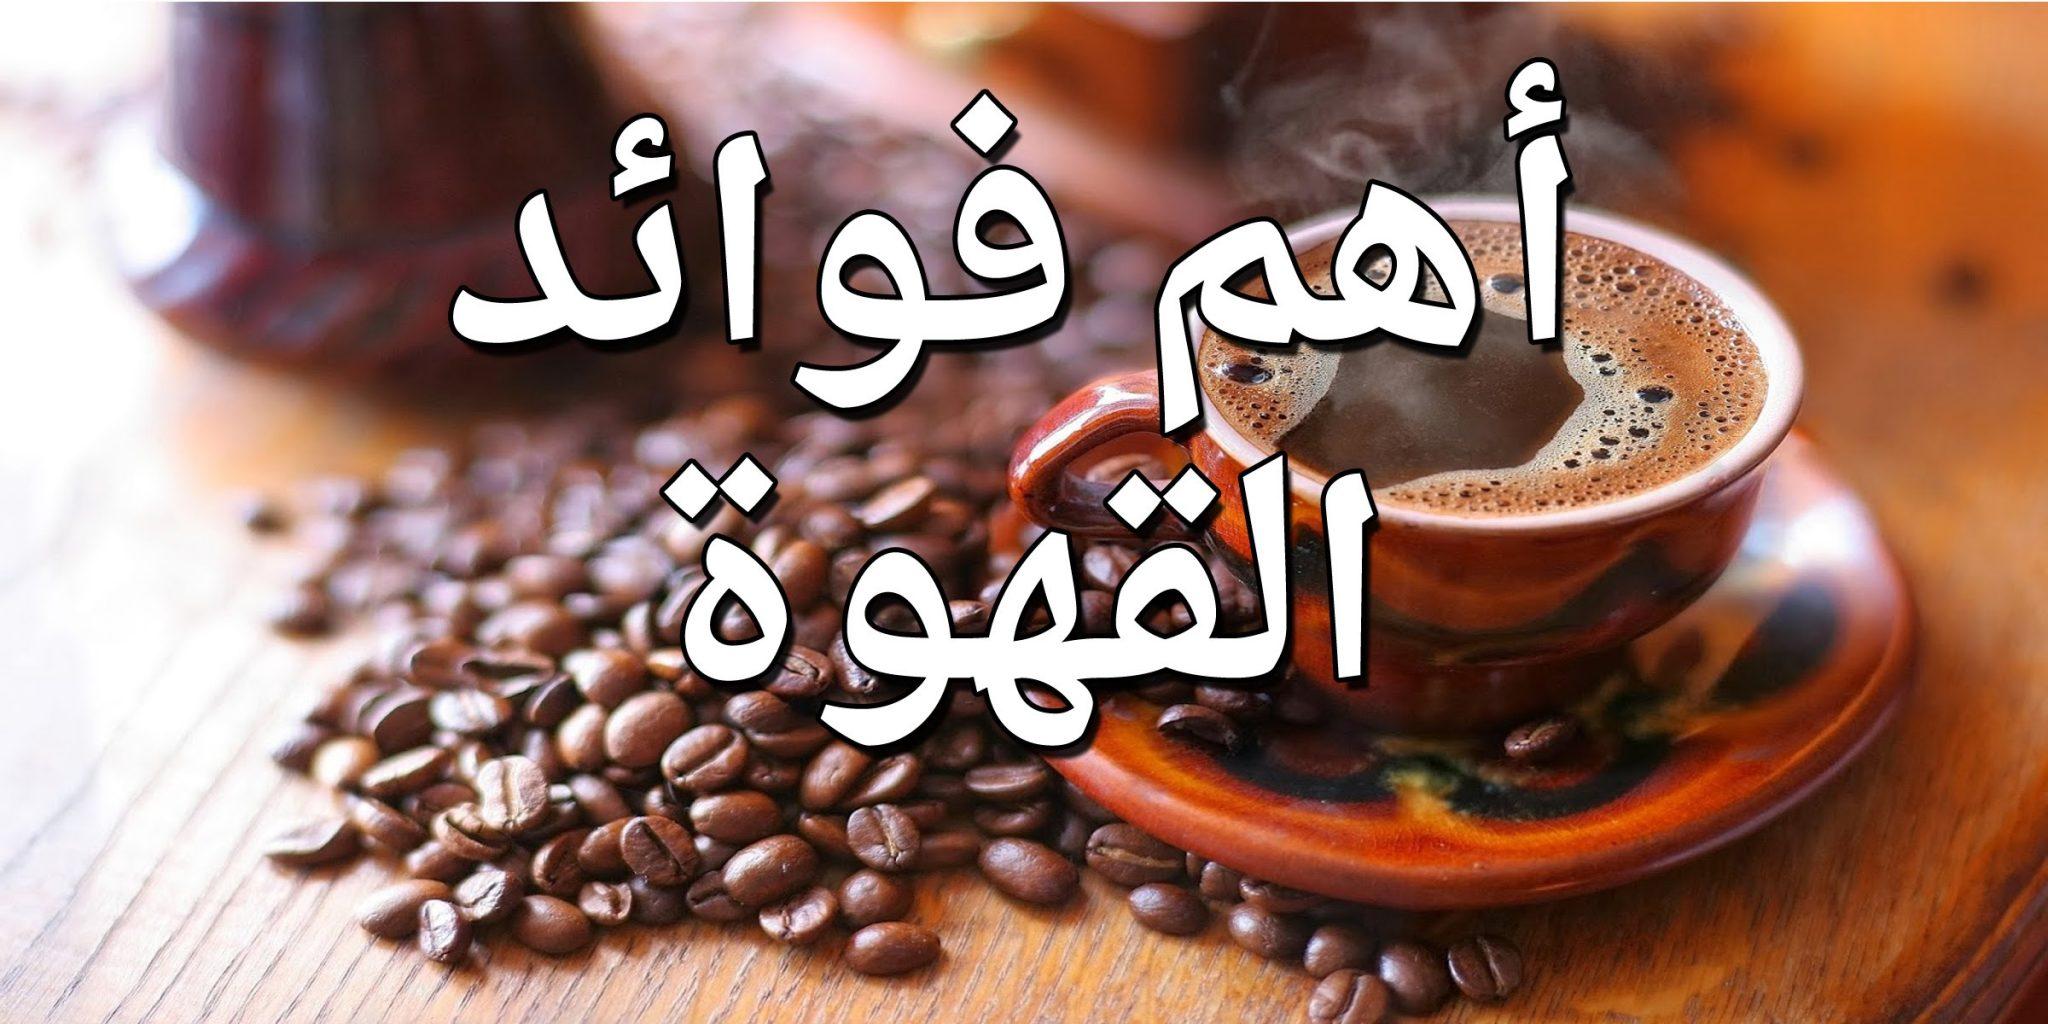 تعرف على اهم فوائد تناول القهوه